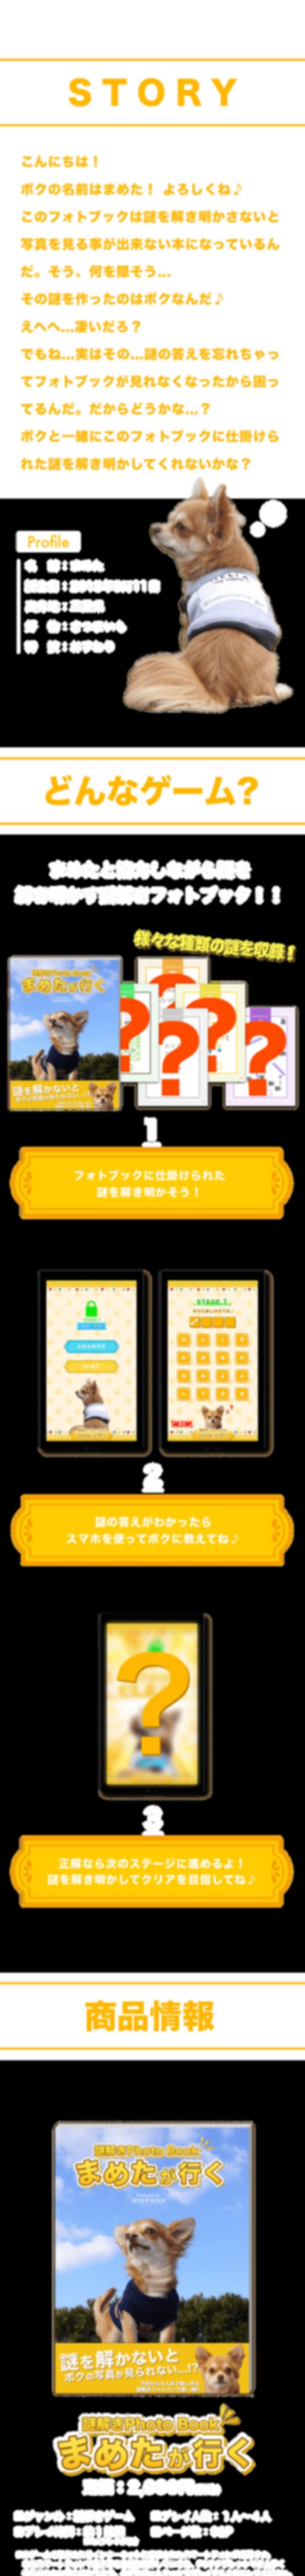 グループ化 13 (1).png